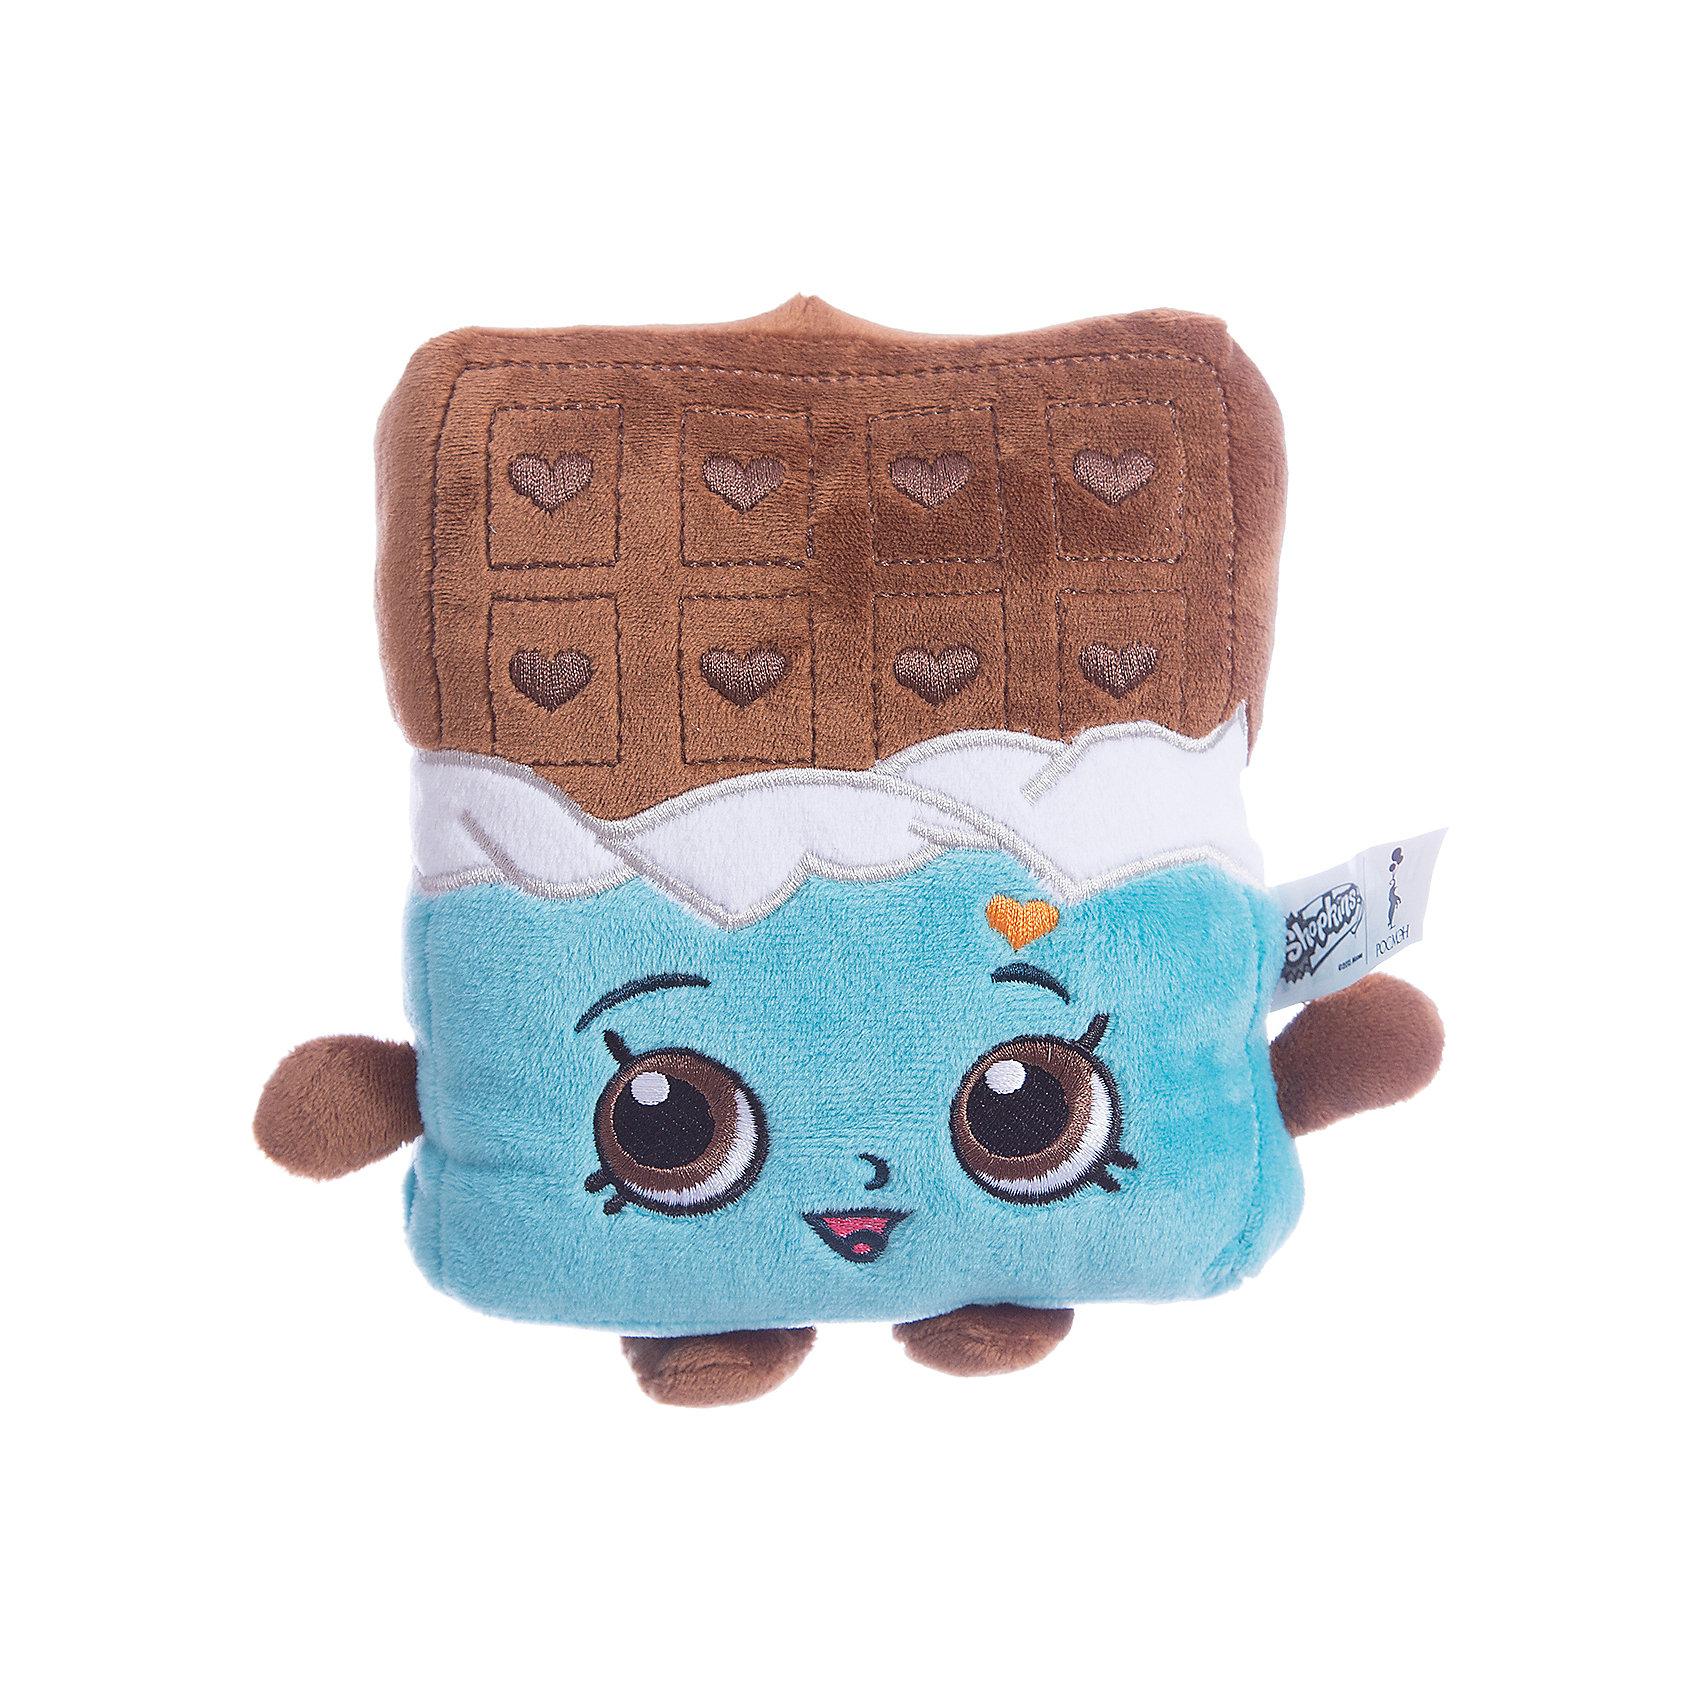 Мягкая игрушка Шоколадка Чеки, 20см, ShopkinsShopkins<br>Характеристики:<br><br>• размер игрушки: 20 см;<br>• материал: плюш;<br>• наполнитель: синтепон;<br>• декоративные элементы: вышивка;<br>• упаковка: ПВХ-пакет.<br><br>Плюшевая коллекционная игрушка Шопкинс создана по мотивам мультсериала для детей. Аппетитная Шоколадка Чеки с ручками и ножками - персонаж Shopkins. Личико игрушки - вышивка-аппликация, тельце мягконабивное, мягкая игрушка приятная на ощупь. В процессе игры развивается воображение, речь, тактильное восприятие.<br><br>Мягкую игрушку Шоколадка Чеки, 20см, Shopkins можно купить в нашем магазине.<br><br>Ширина мм: 170<br>Глубина мм: 135<br>Высота мм: 55<br>Вес г: 80<br>Возраст от месяцев: 36<br>Возраст до месяцев: 2147483647<br>Пол: Унисекс<br>Возраст: Детский<br>SKU: 5247685